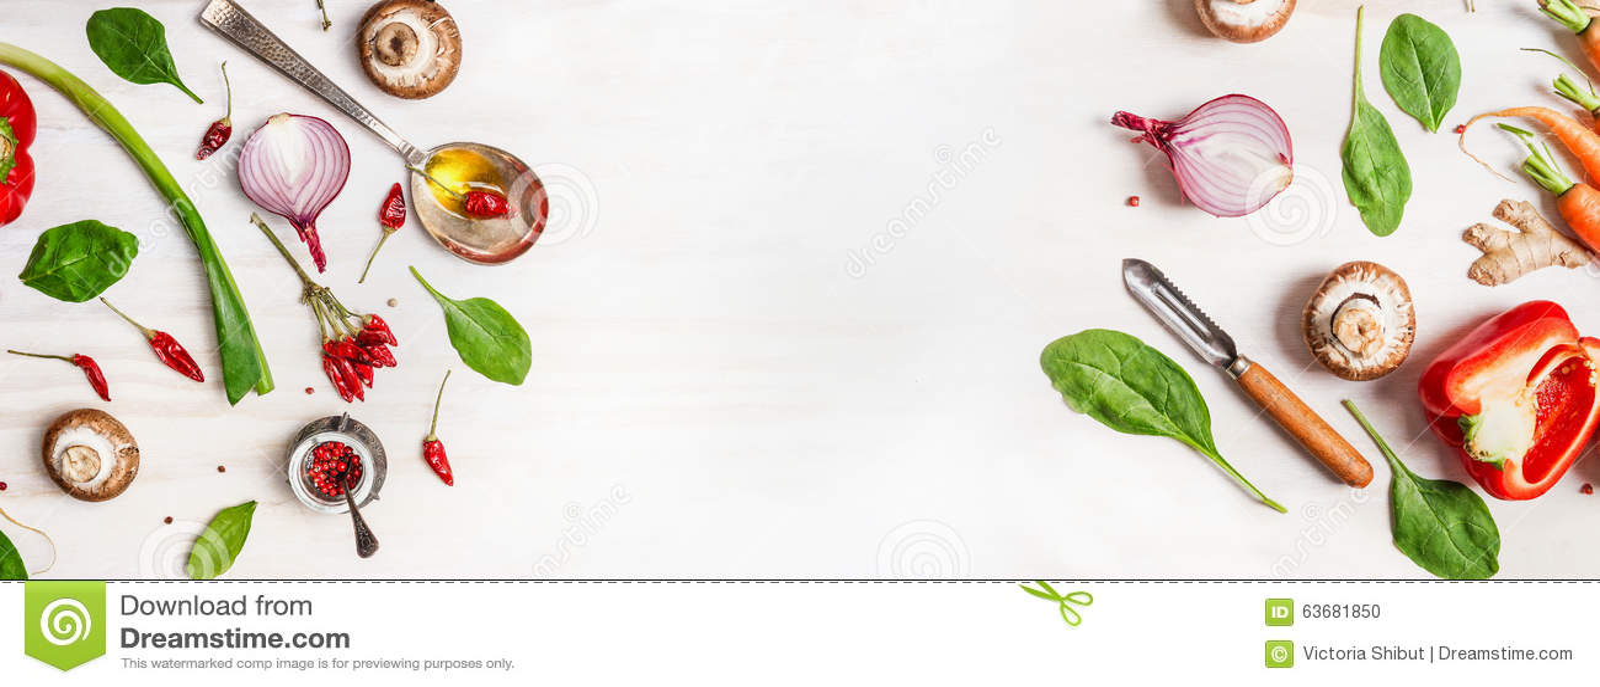 Zdrowy karmowy tło z różnorodnymi warzywo składnikami, łyżką z olejem i obieraczką,